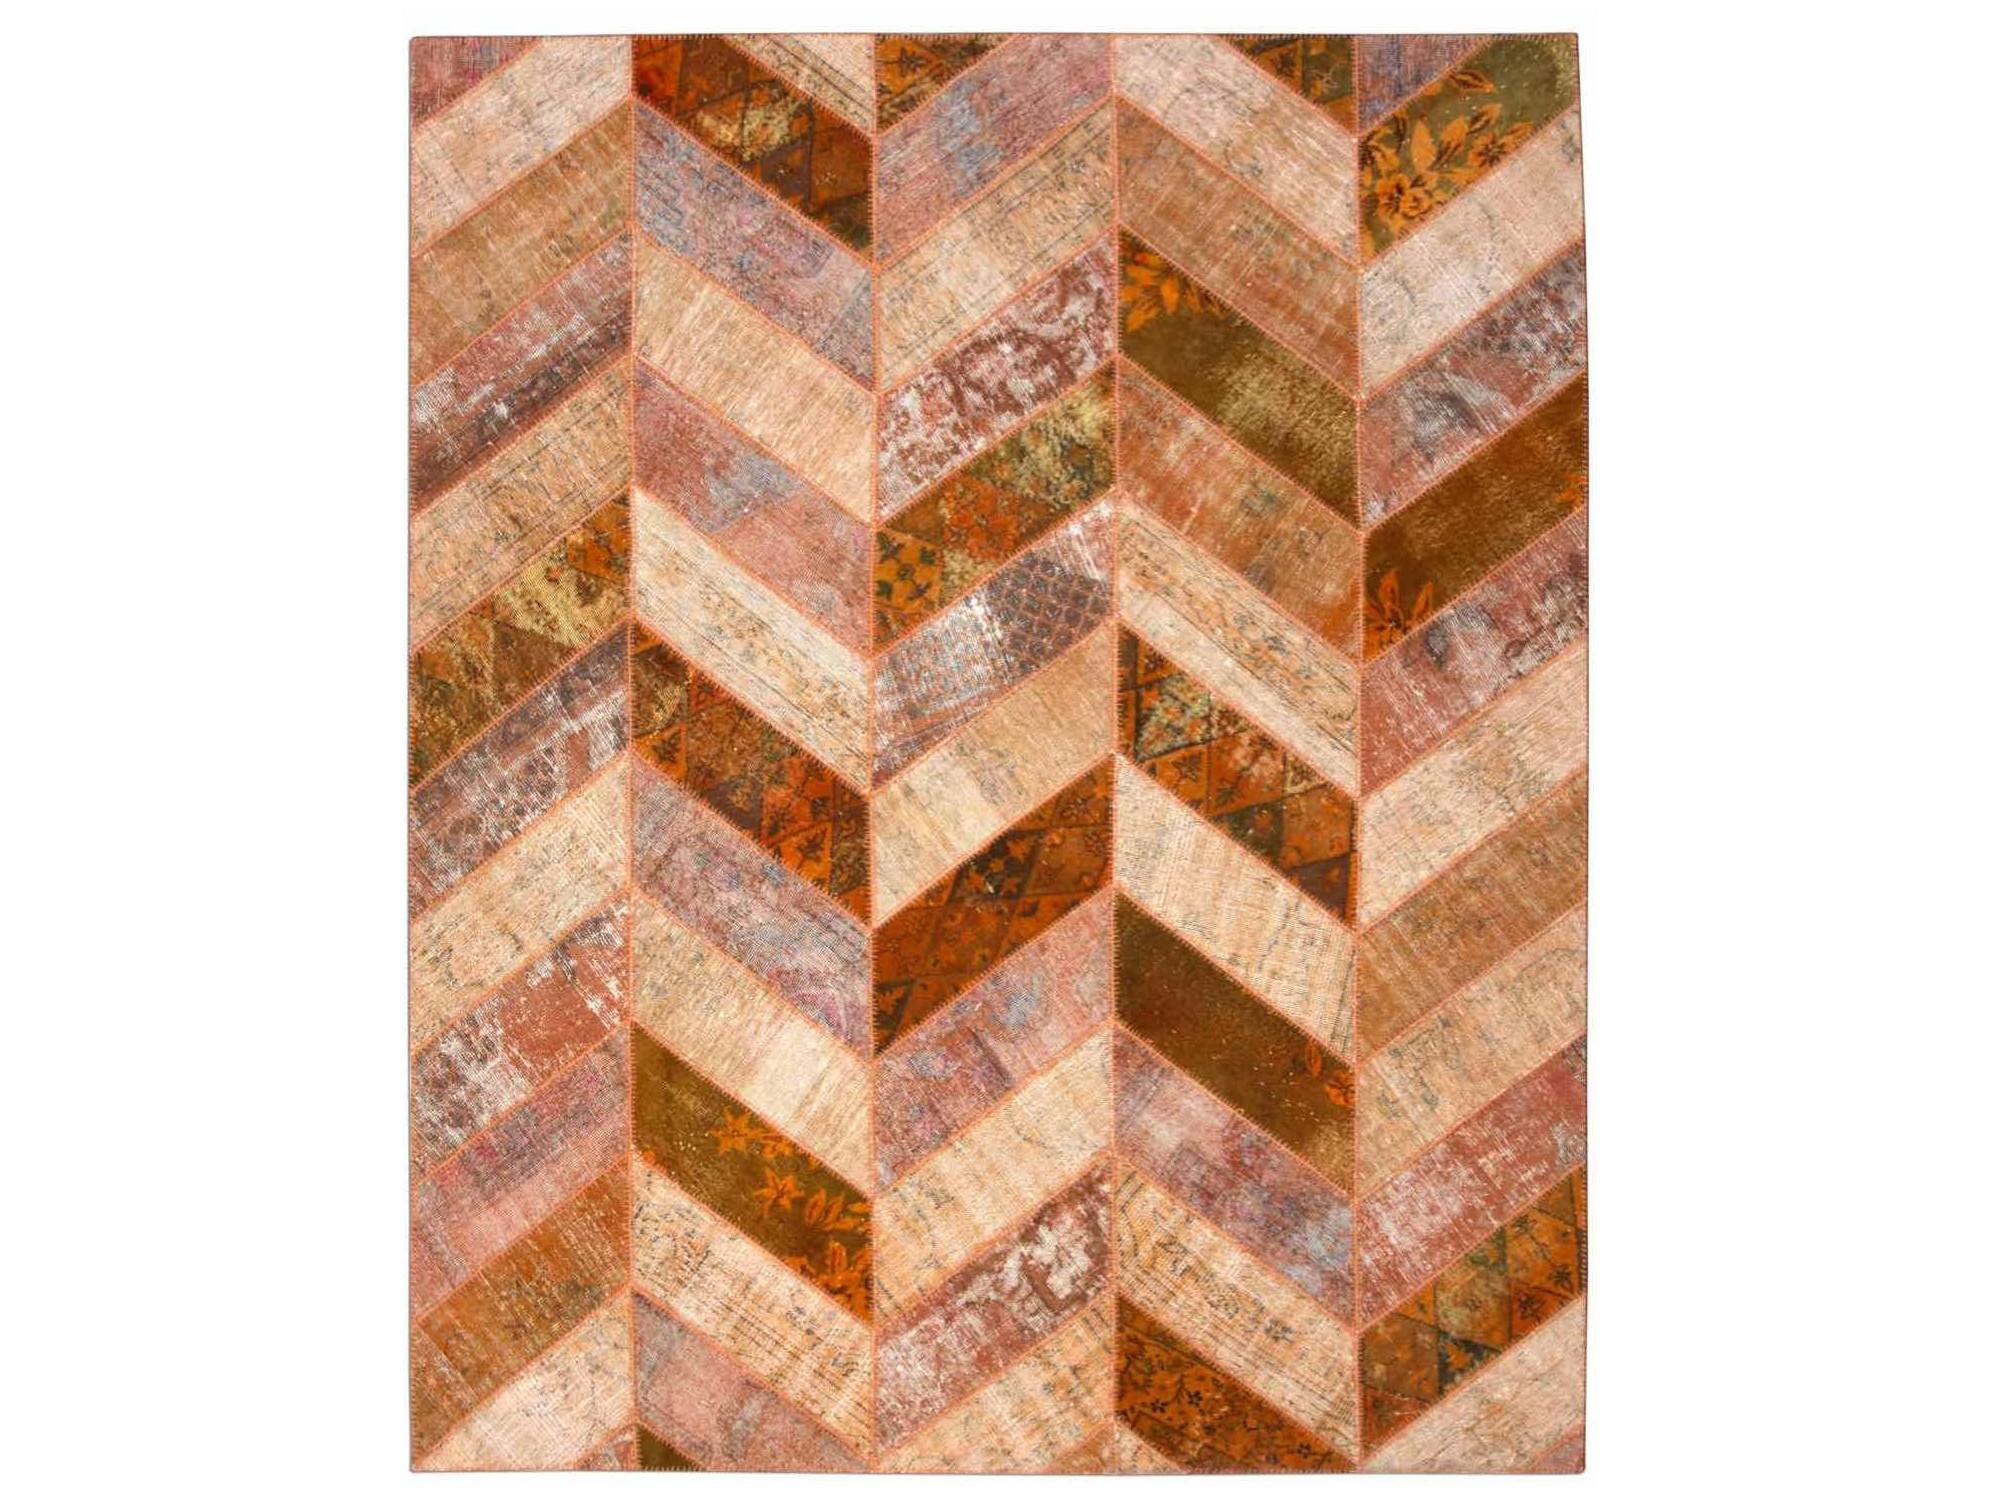 Ковер PatchworkПрямоугольные ковры<br>Винтажный ковер ручной работы в стиле &amp;quot;пэчворк&amp;quot; <br>из 100% шерсти. Ковер прекрасно подходит в <br>любые современные и классические интерьеры, <br>а благодаря толщине ковра всего 5 мм. и отсутствию <br>ворса, его легко чистить любыми видами пылесосов. <br>Этот настоящий ковер ручной работы не потеряет <br>своих красок и будет служить десятилетия.<br><br>Material: Шерсть<br>Ширина см: 249<br>Глубина см: 308